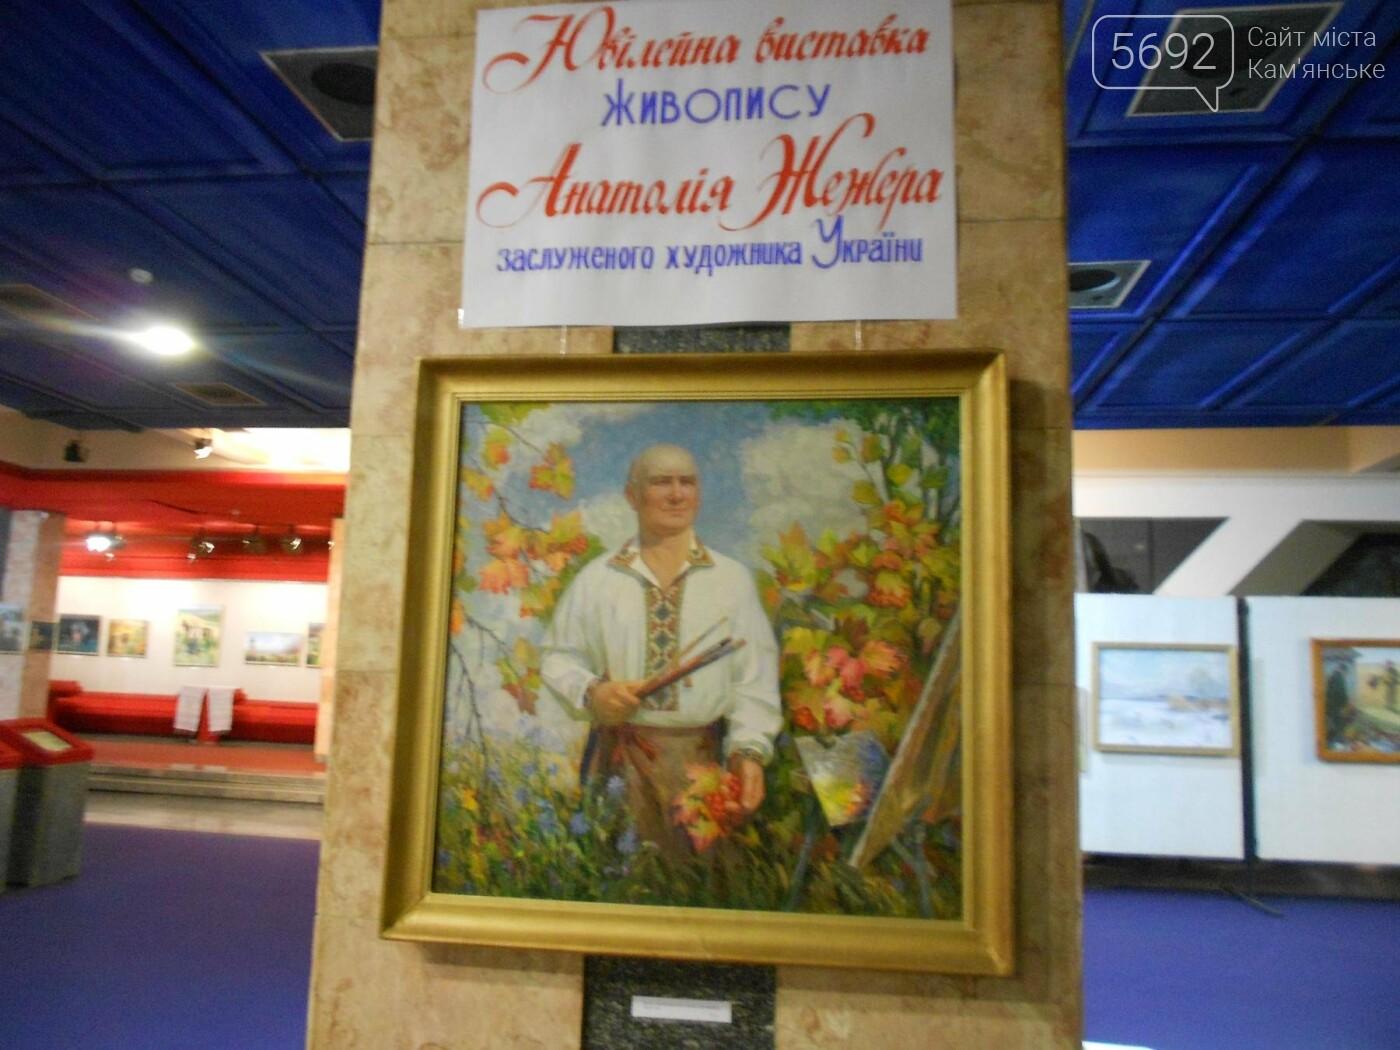 В Каменском открылась юбилейная выставка известного художника Анатолия Жежера, фото-15